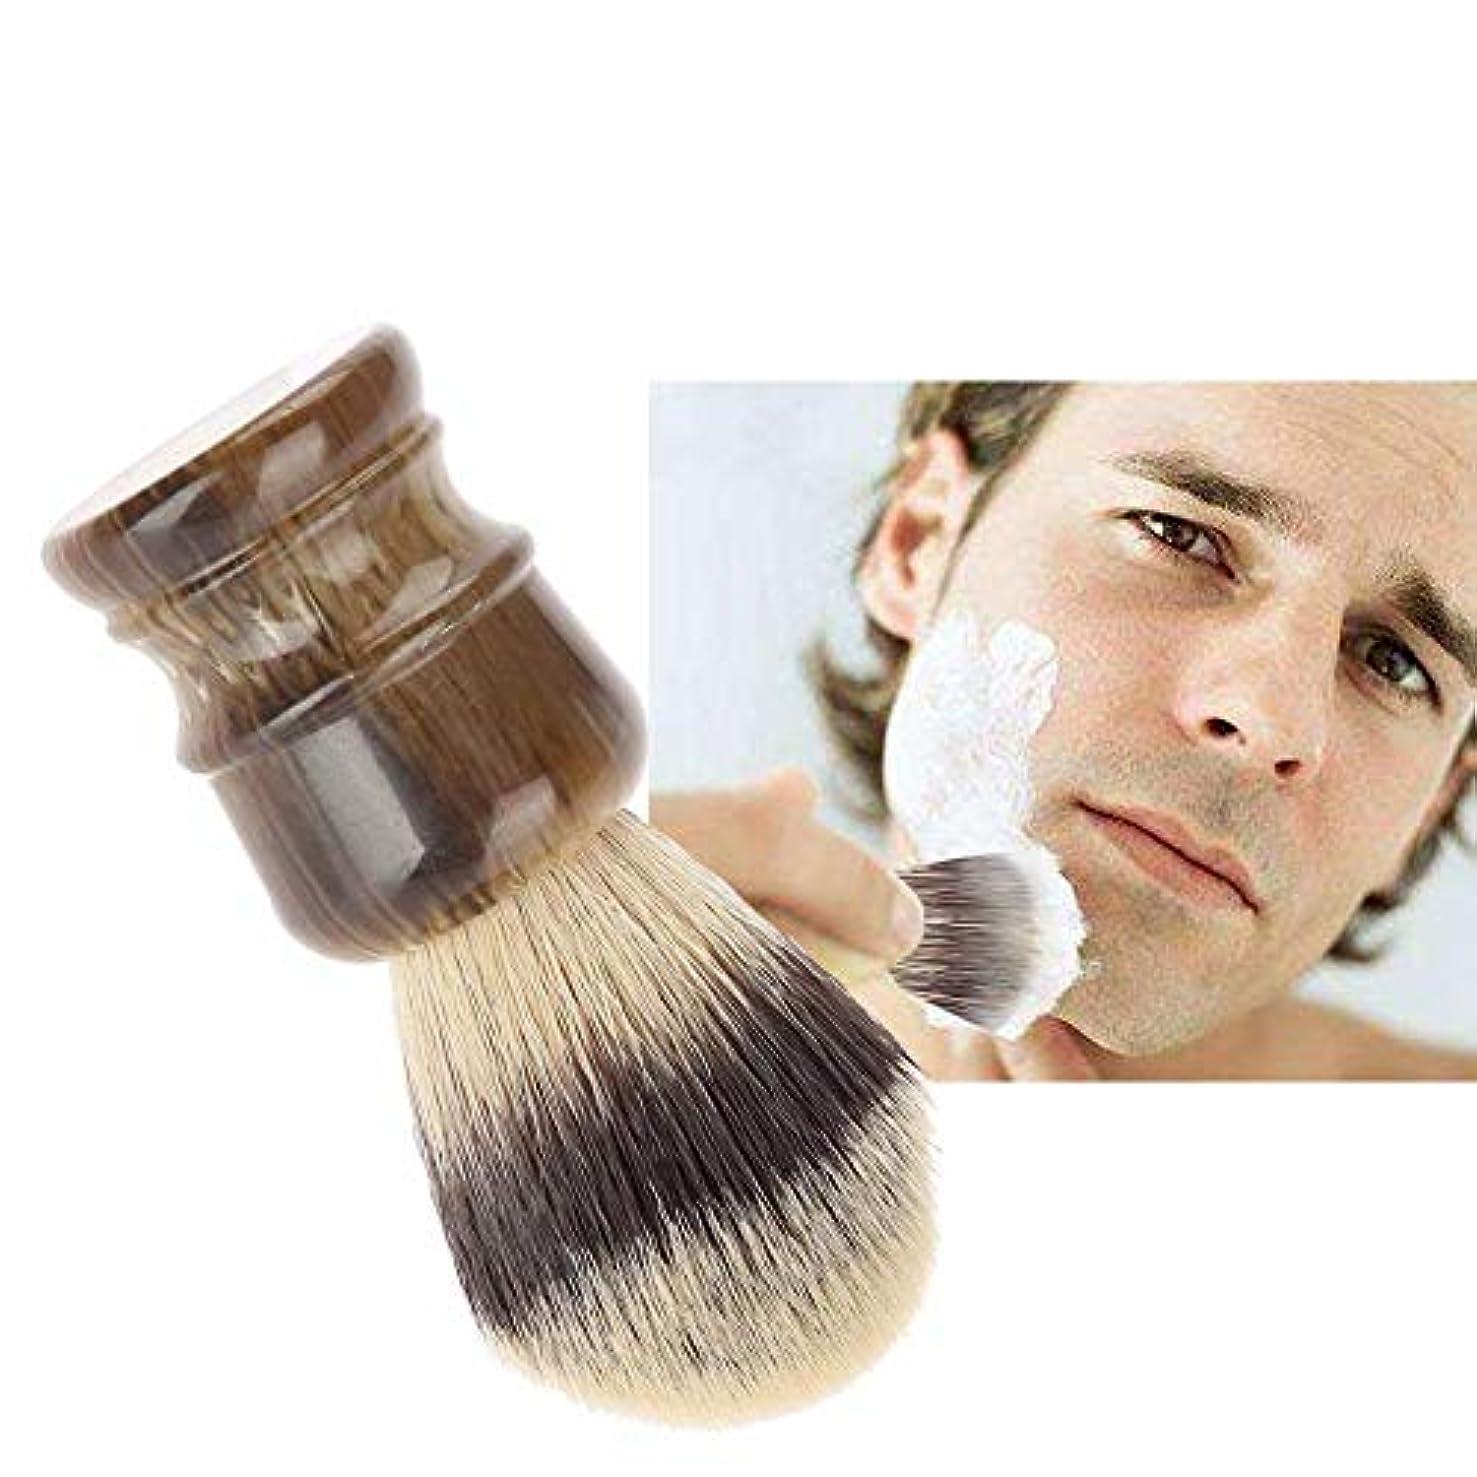 胆嚢資本個人的にシェービングブラシ 髭剃りブラシ 木材ハンドル+ナイロン毛 泡立て ひげ剃りツール メンズ理容ブラシ